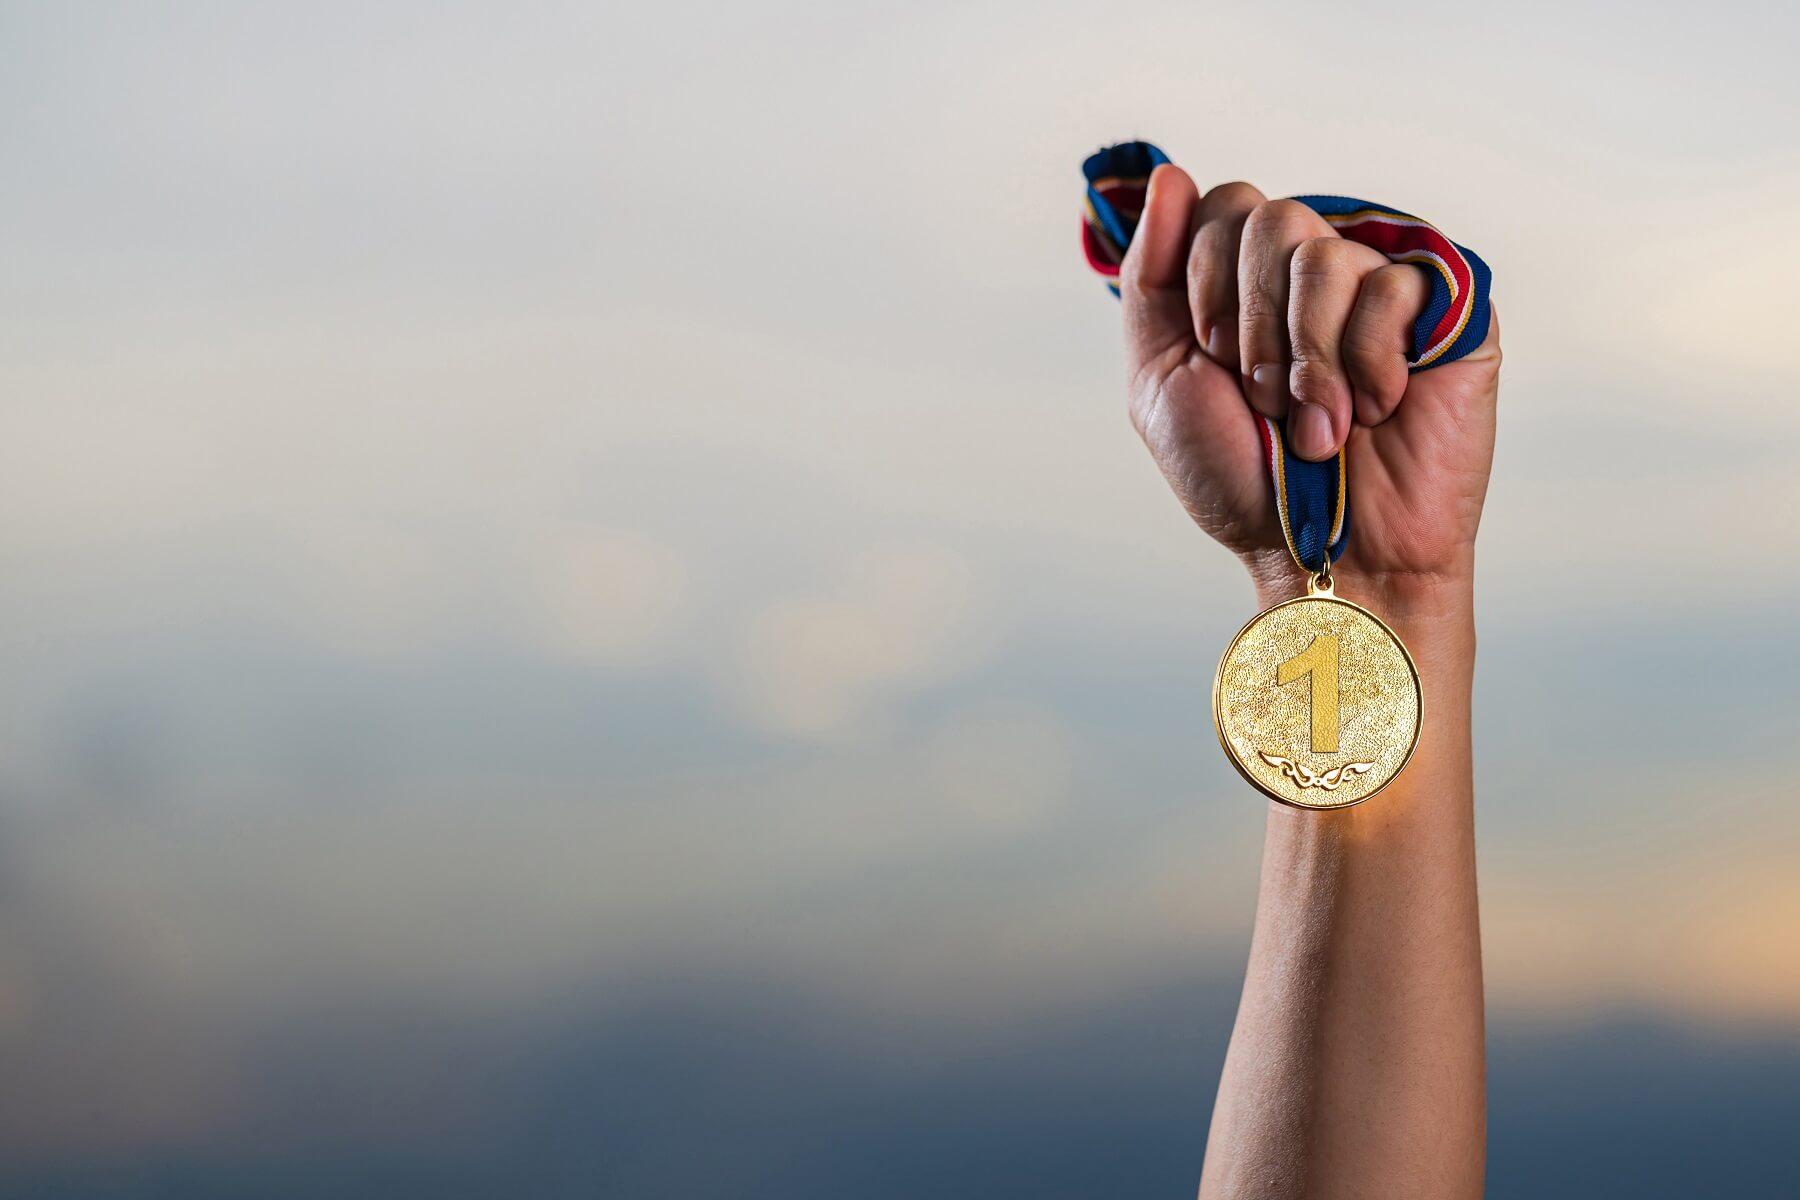 ízületi fájdalomcsillapítók sportolók számára